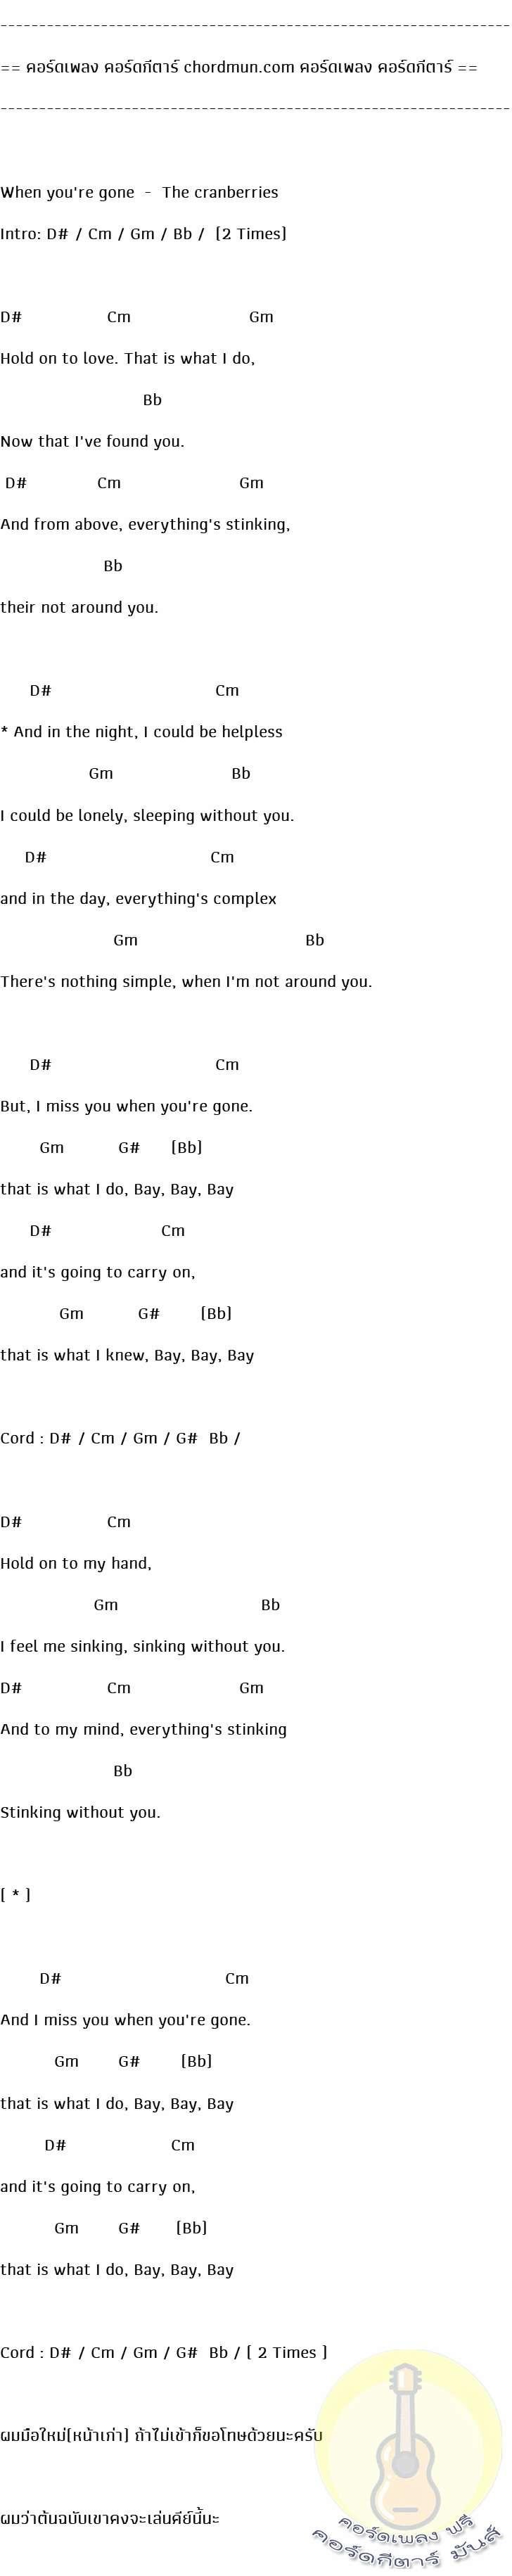 คอร์ดกีต้าร์มือใหม่  เพลง When you're gone